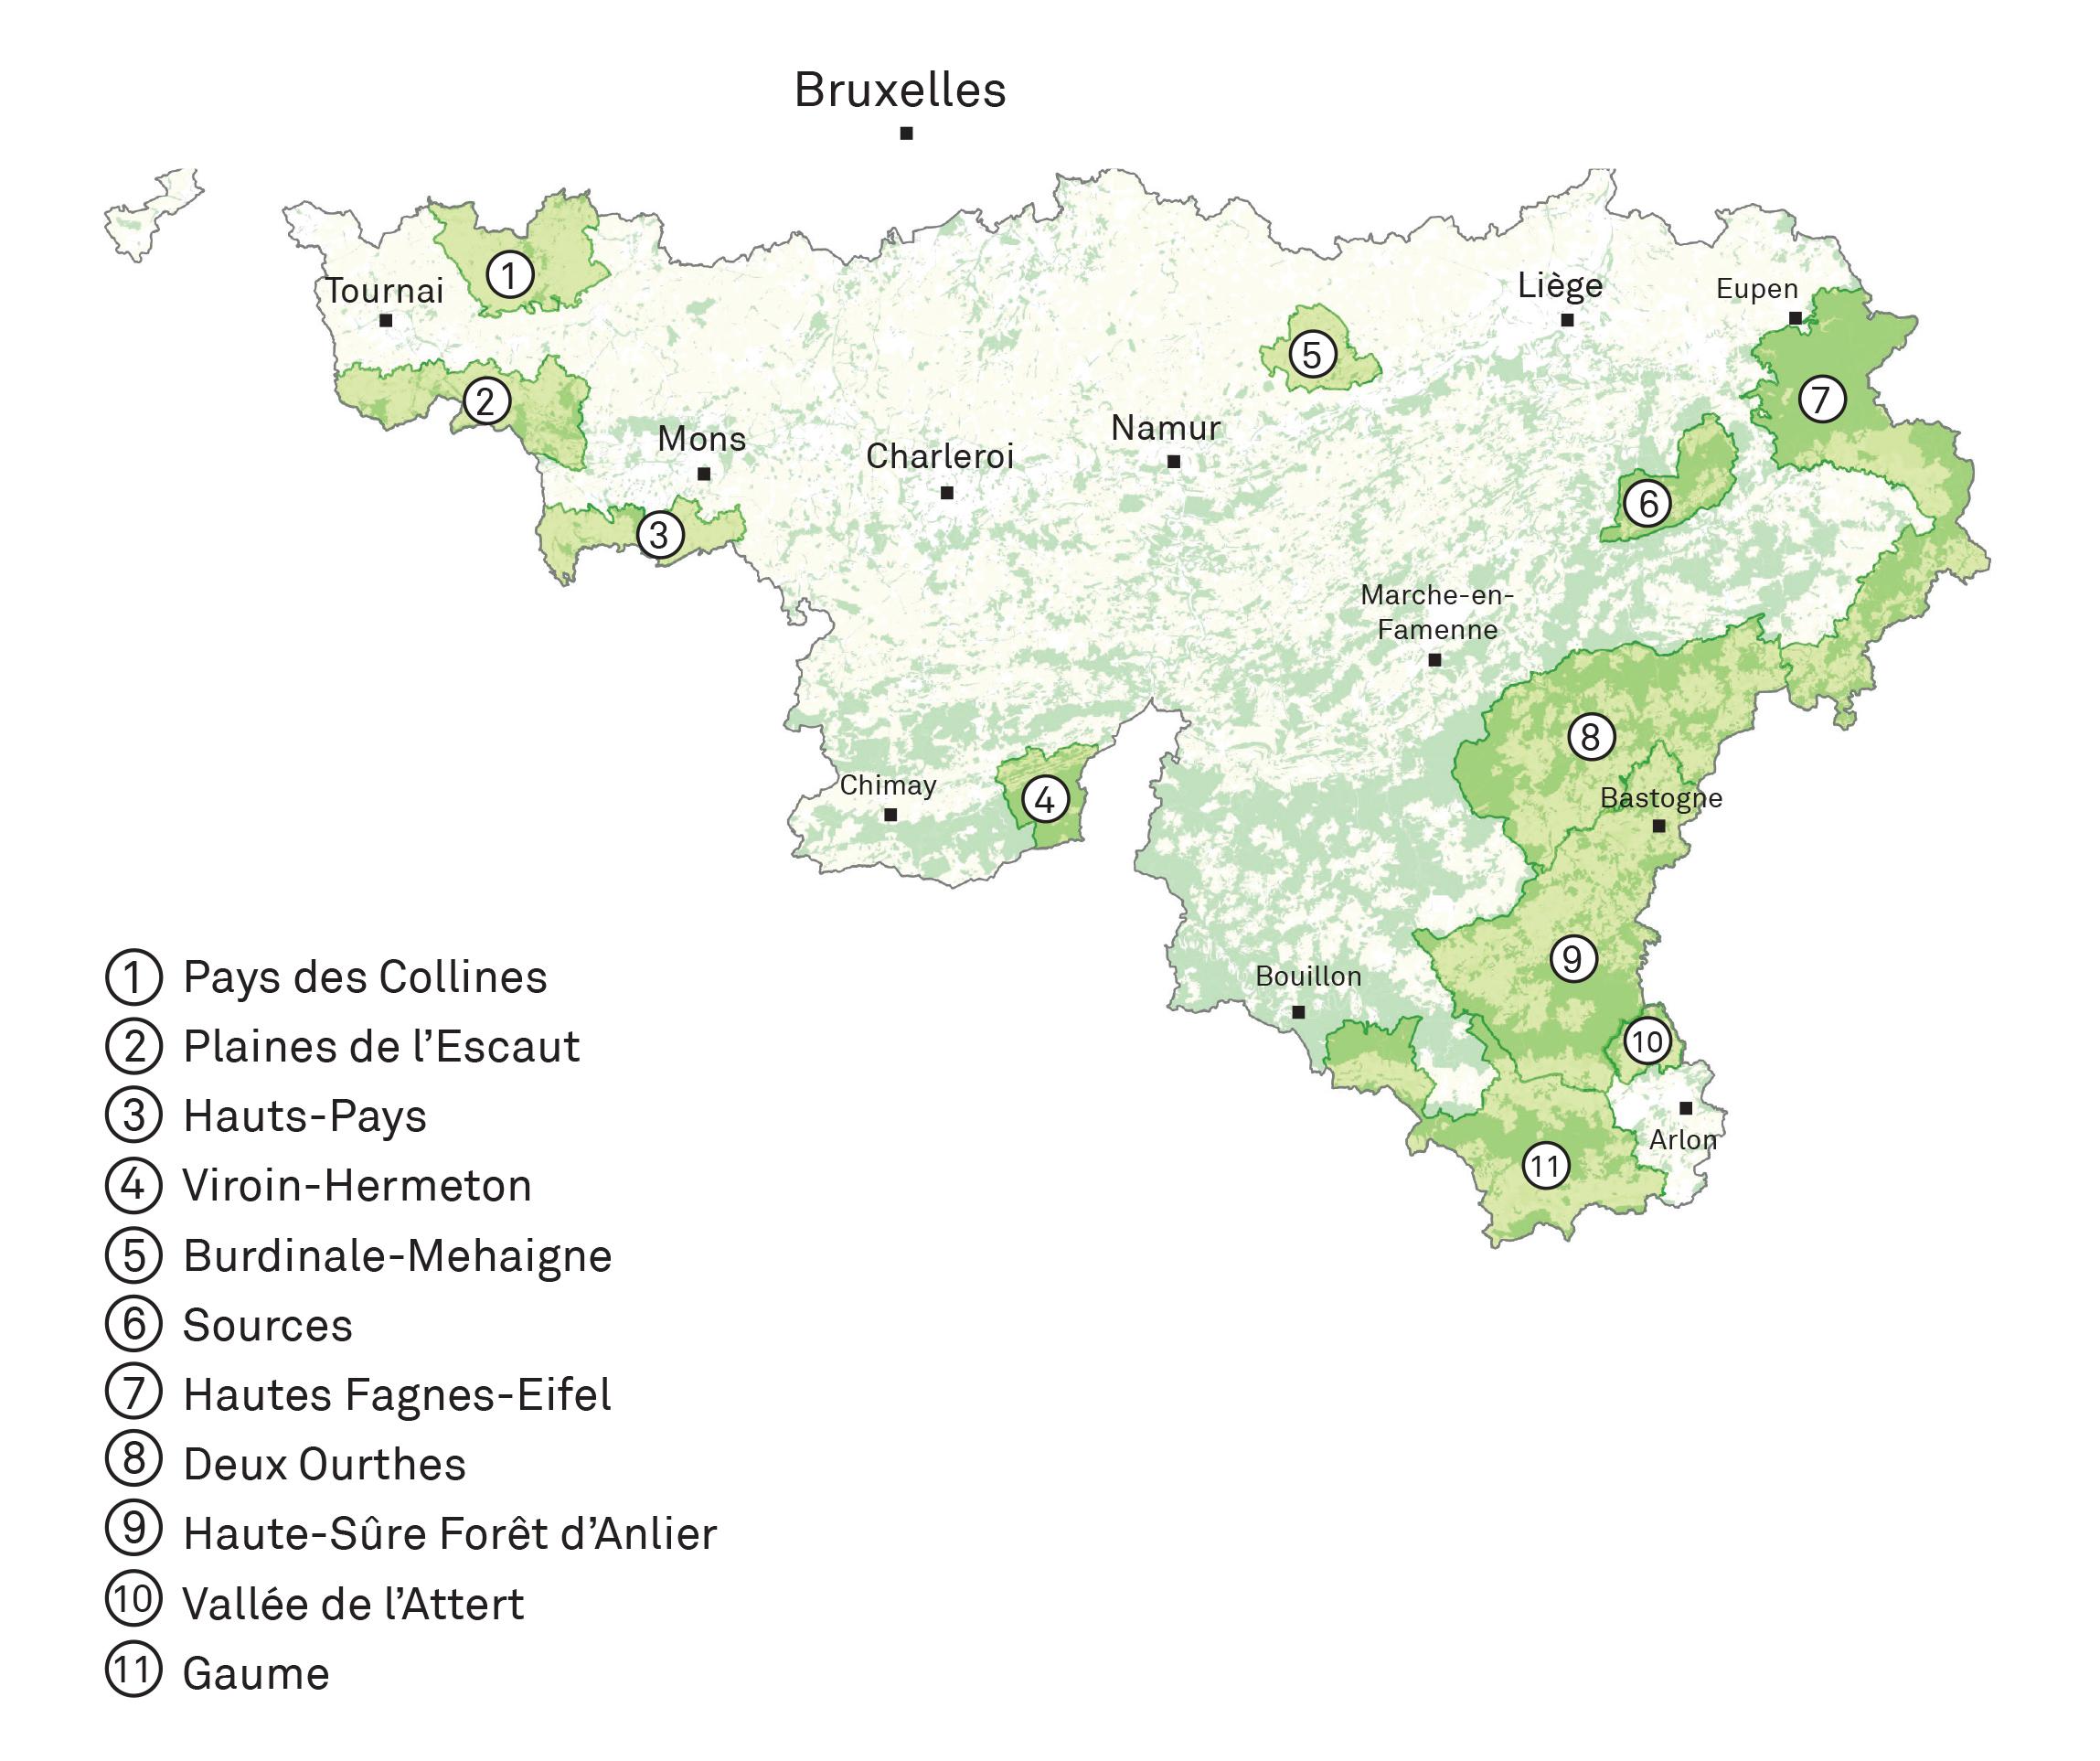 Parc naturel belgique